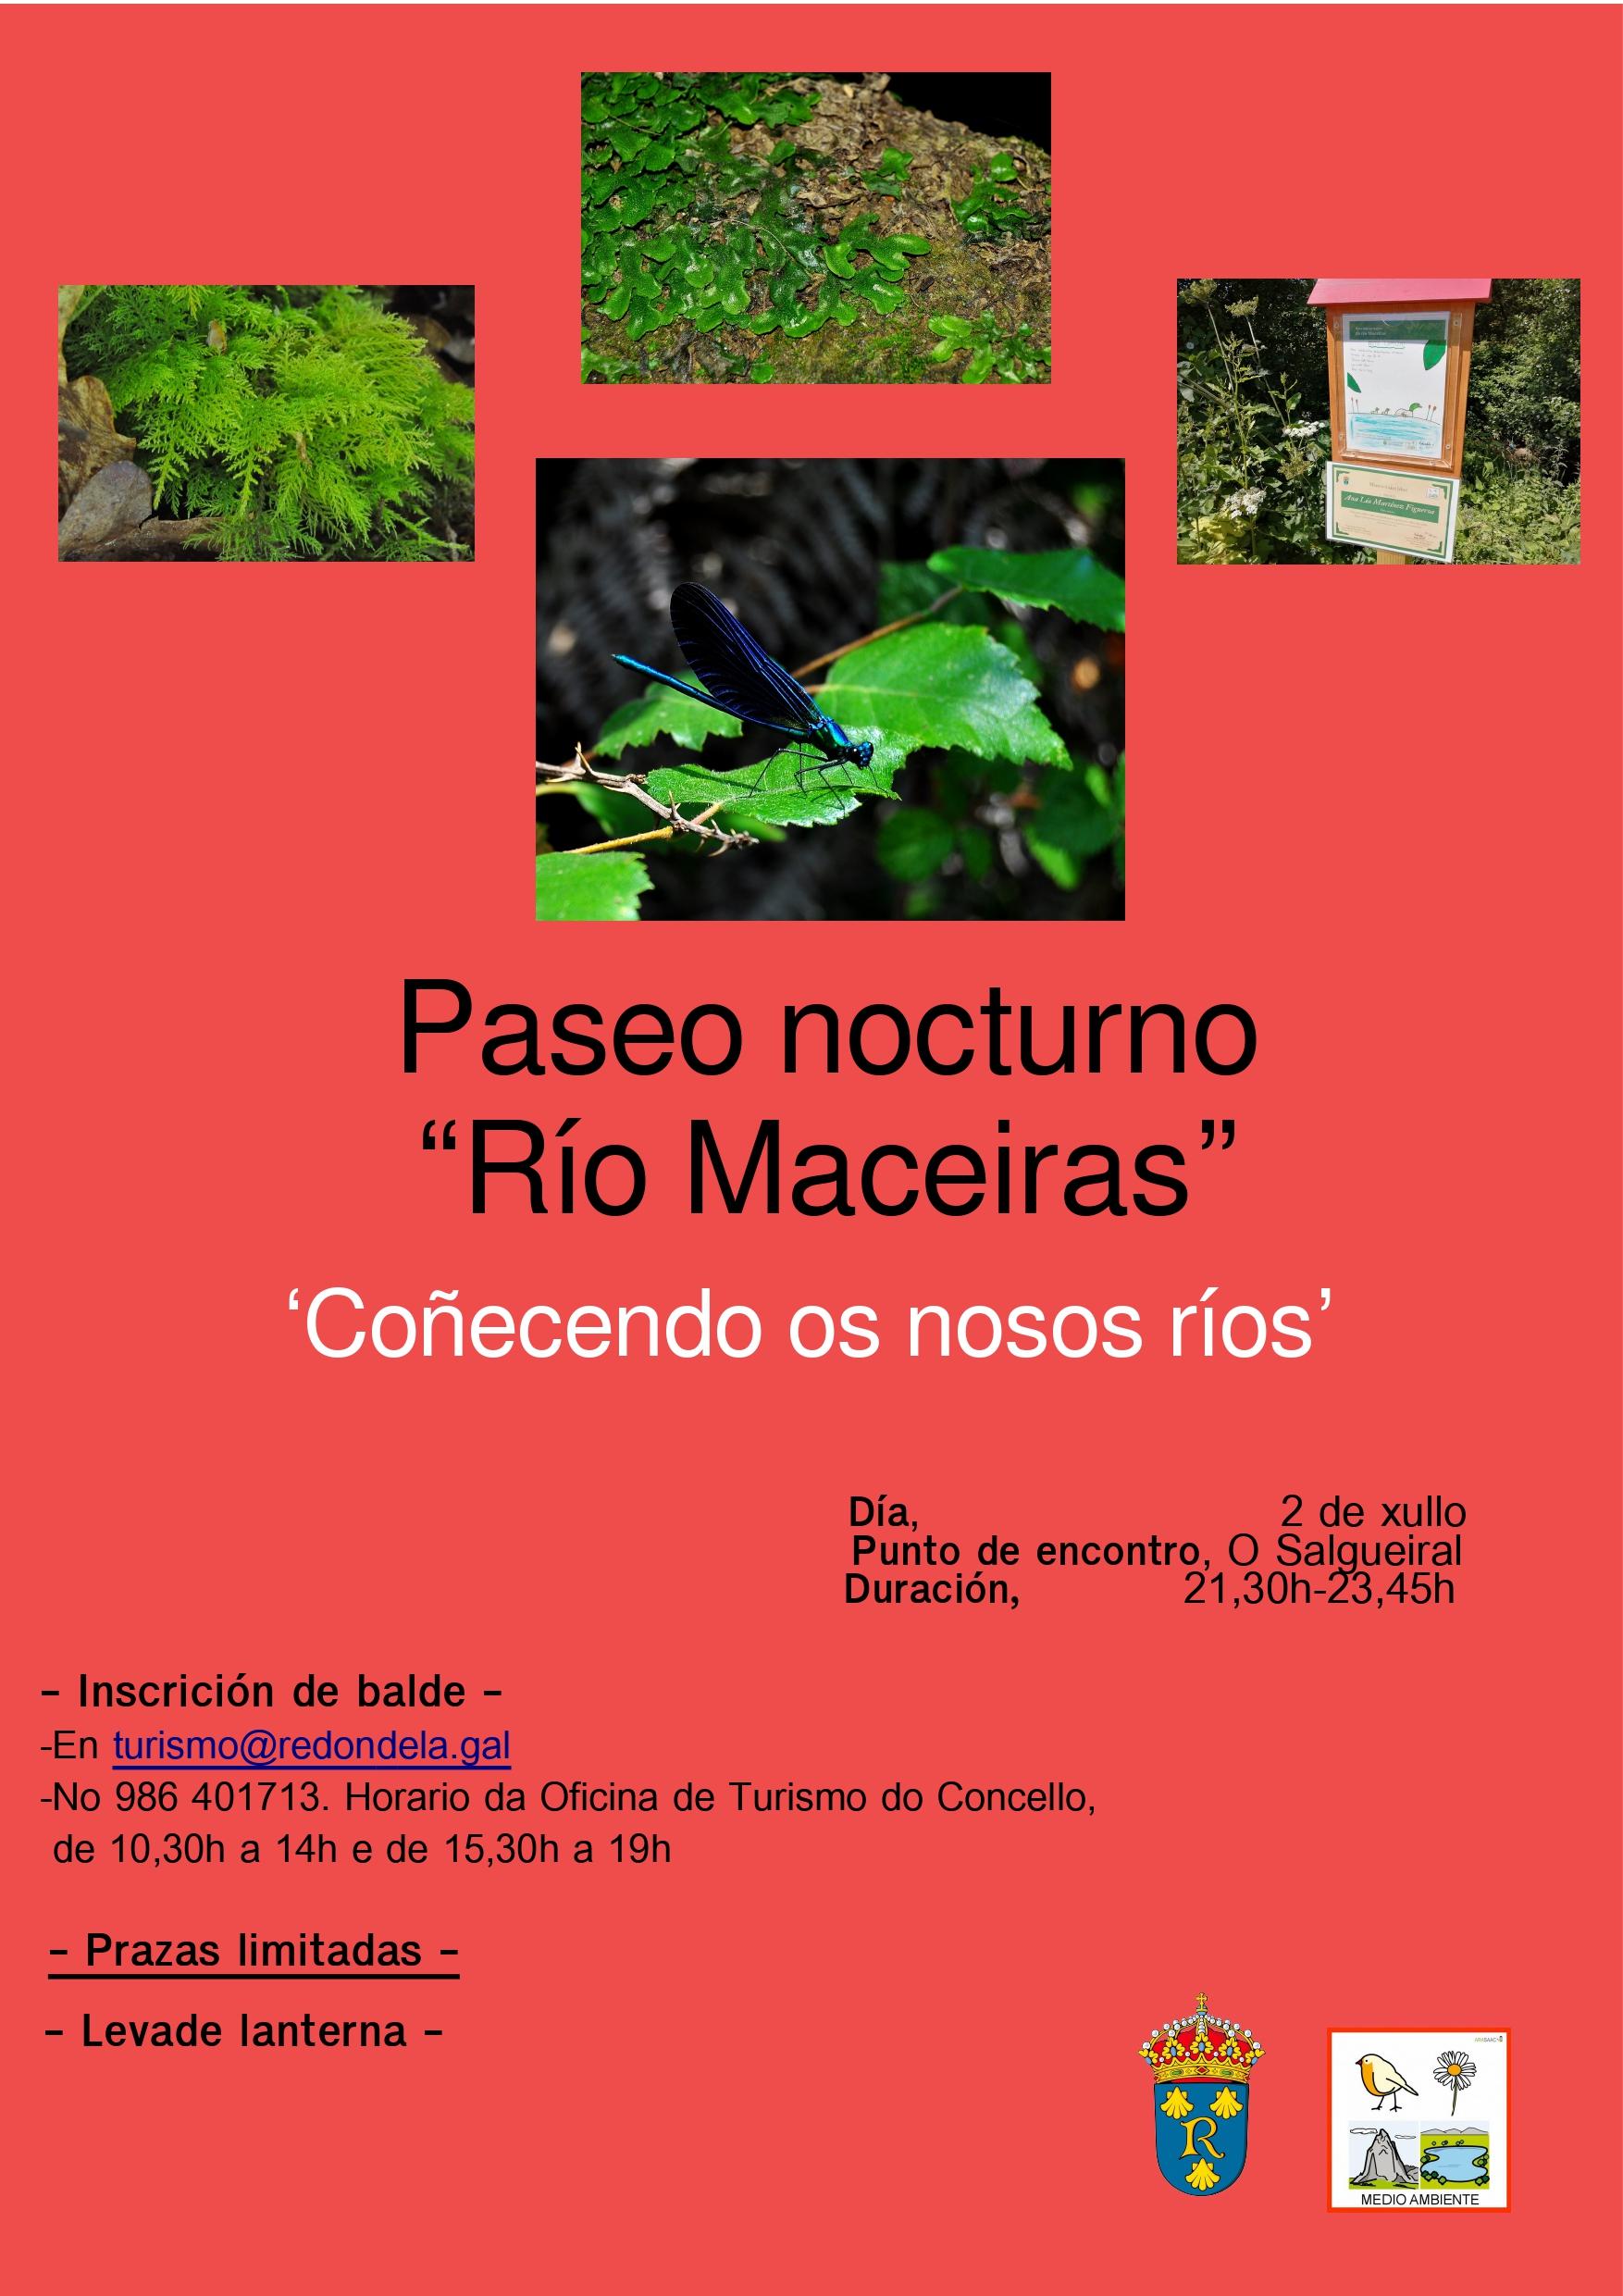 Paseo nocturno Río Maceiras